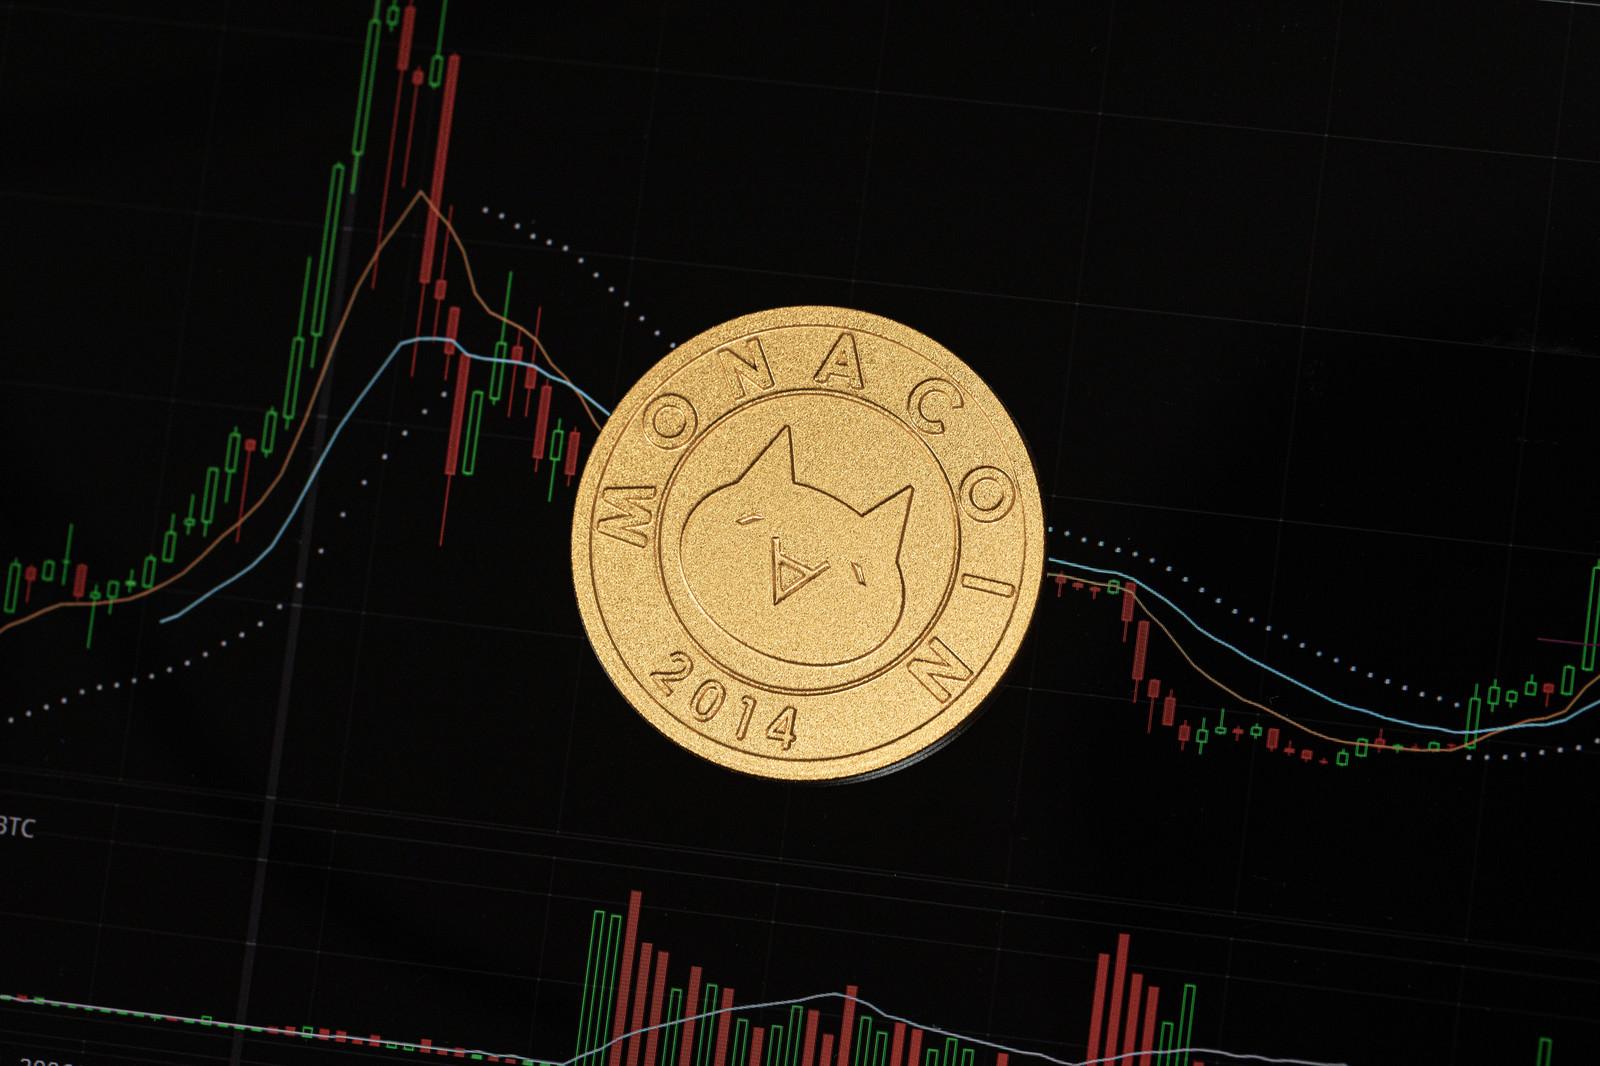 「仮想通貨のチャートとモナコイン」の写真